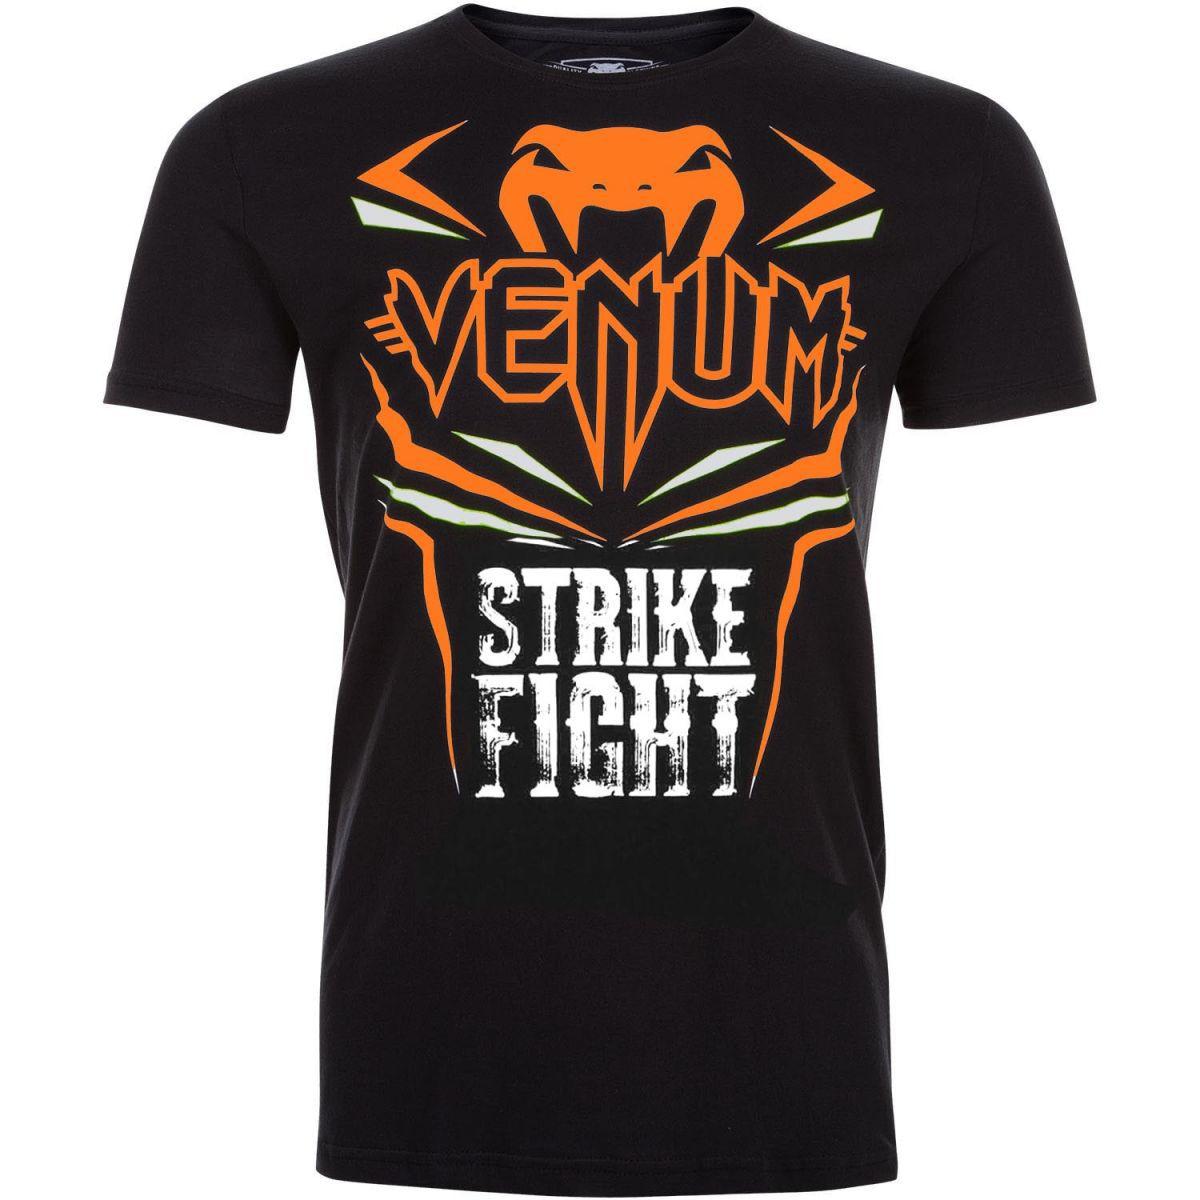 Camisa/Camiseta - Strike - Preto/Laranja- Venum .  - Loja do Competidor